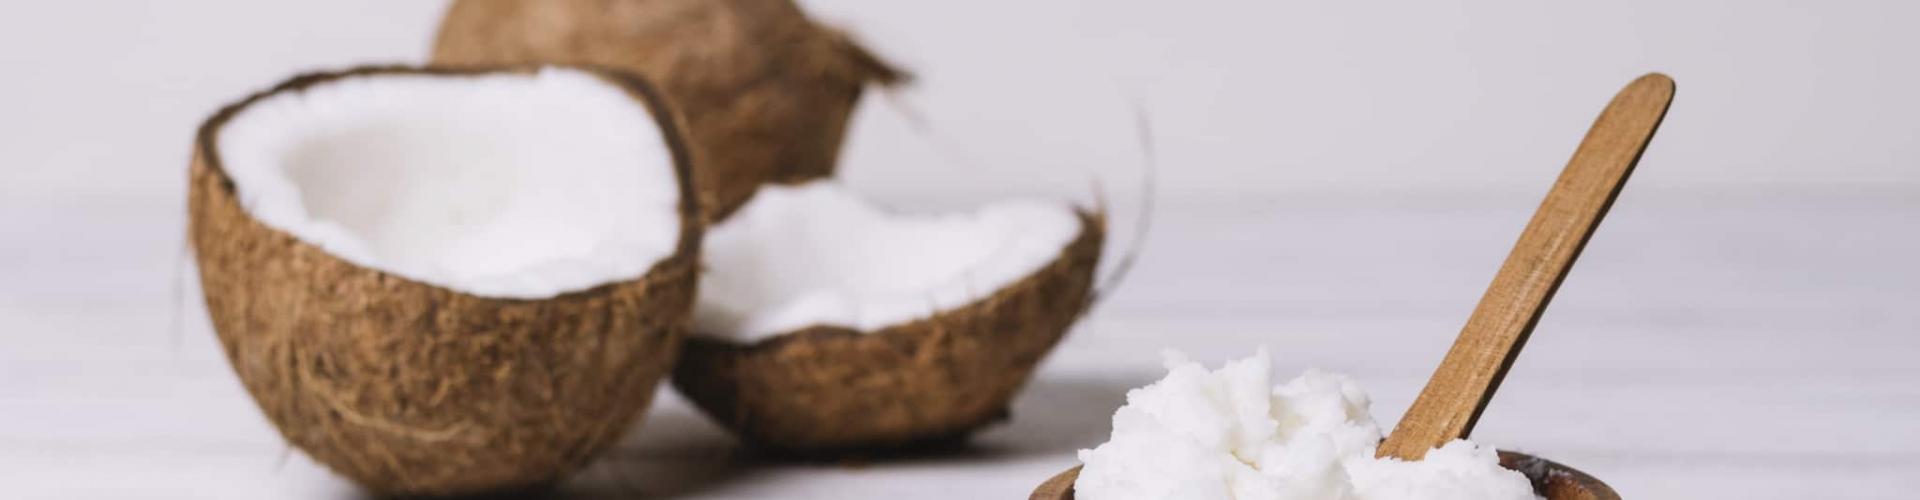 huile de coco utilisation dans la beauté